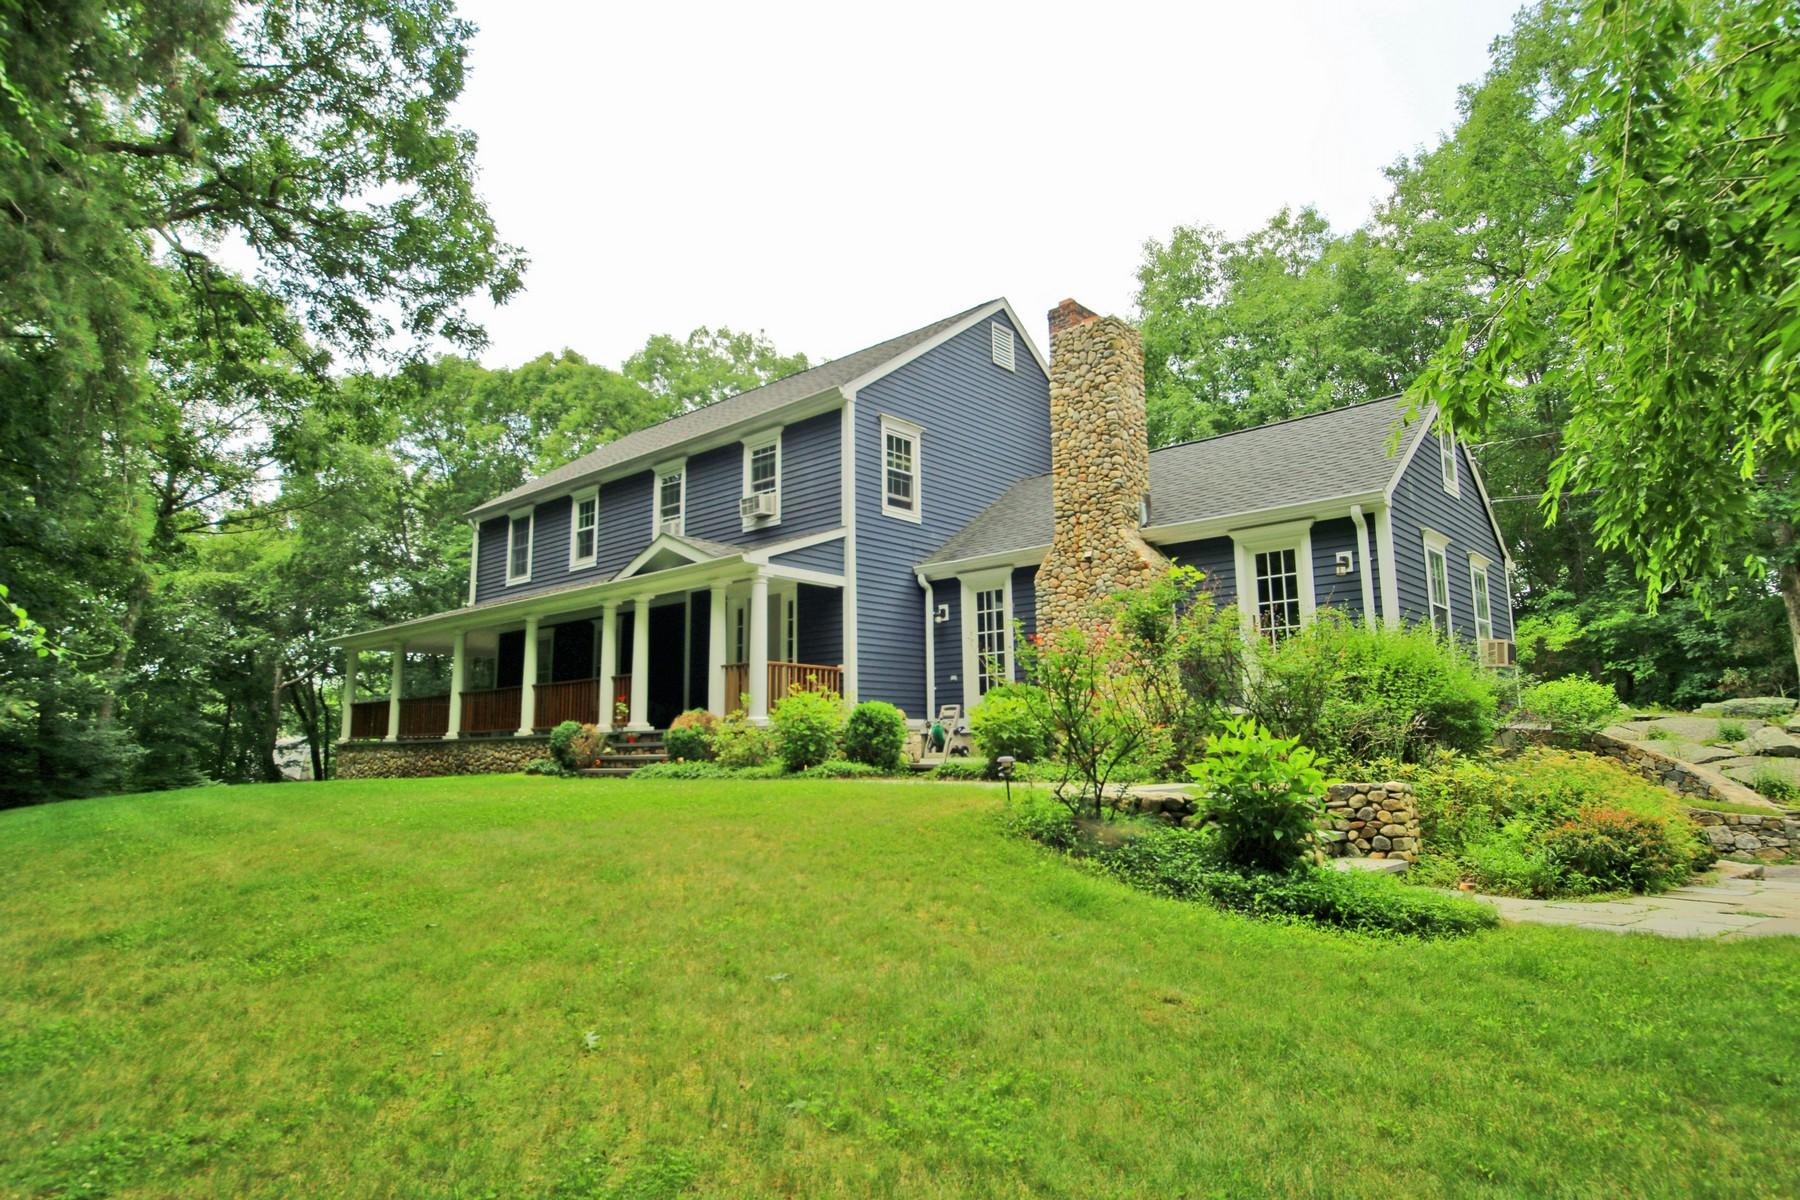 Casa Unifamiliar por un Venta en Sophisticated Colonial 53 Ravenwood Drive Weston, Connecticut, 06883 Estados Unidos